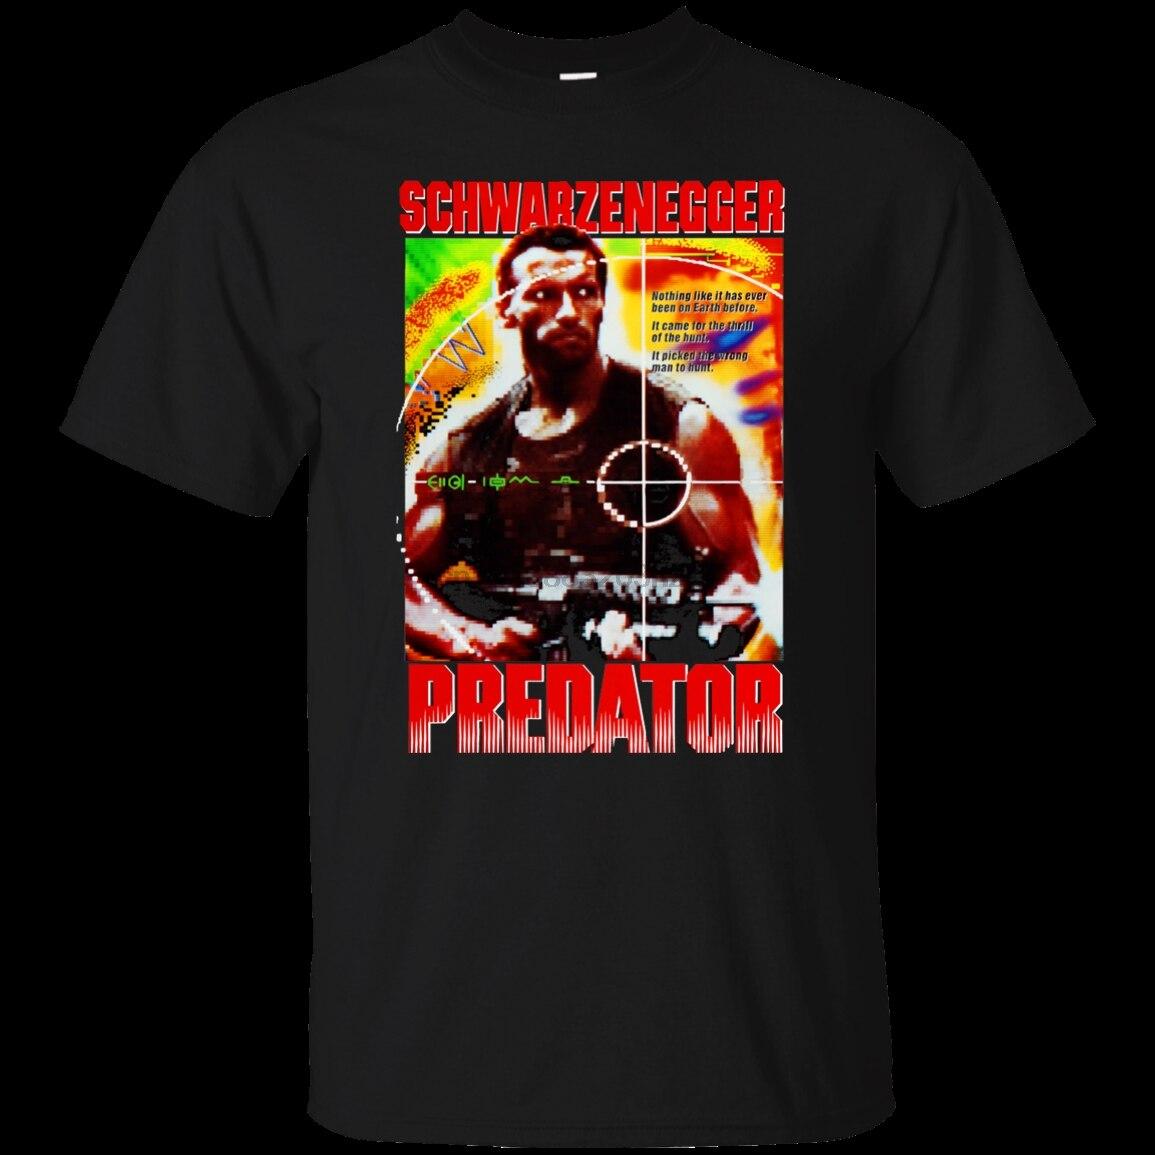 Depredador Arnold Schwarzenegger Retro años 80 ochenta película de acción comando nueva camiseta de manga corta de moda de los hombres